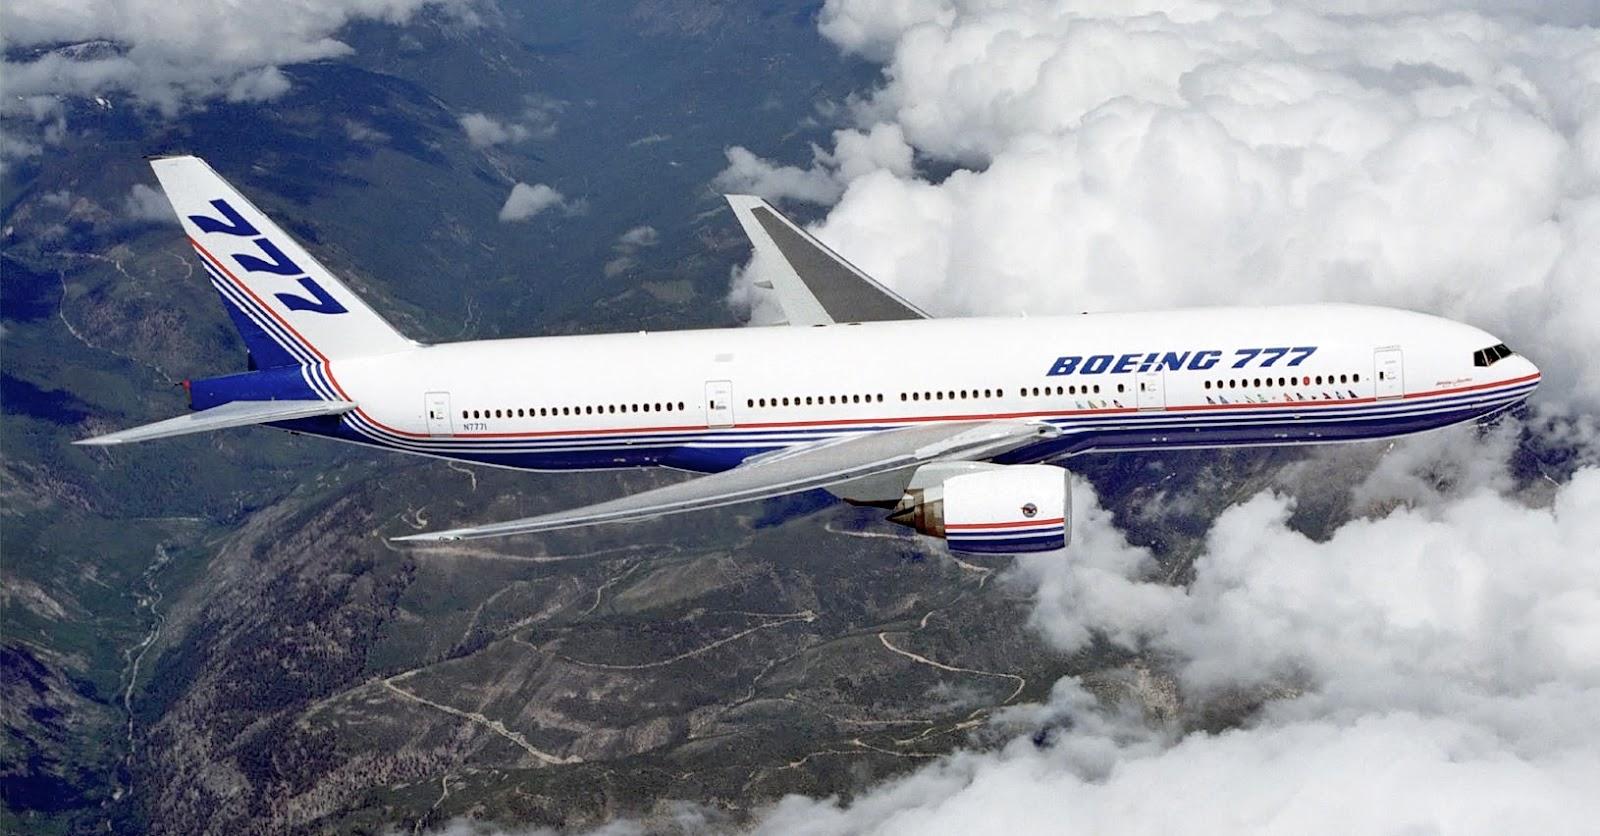 Daftar 10 Pesawat Terbang Terbesar Dan Terpanjang Di Dunia Fakta